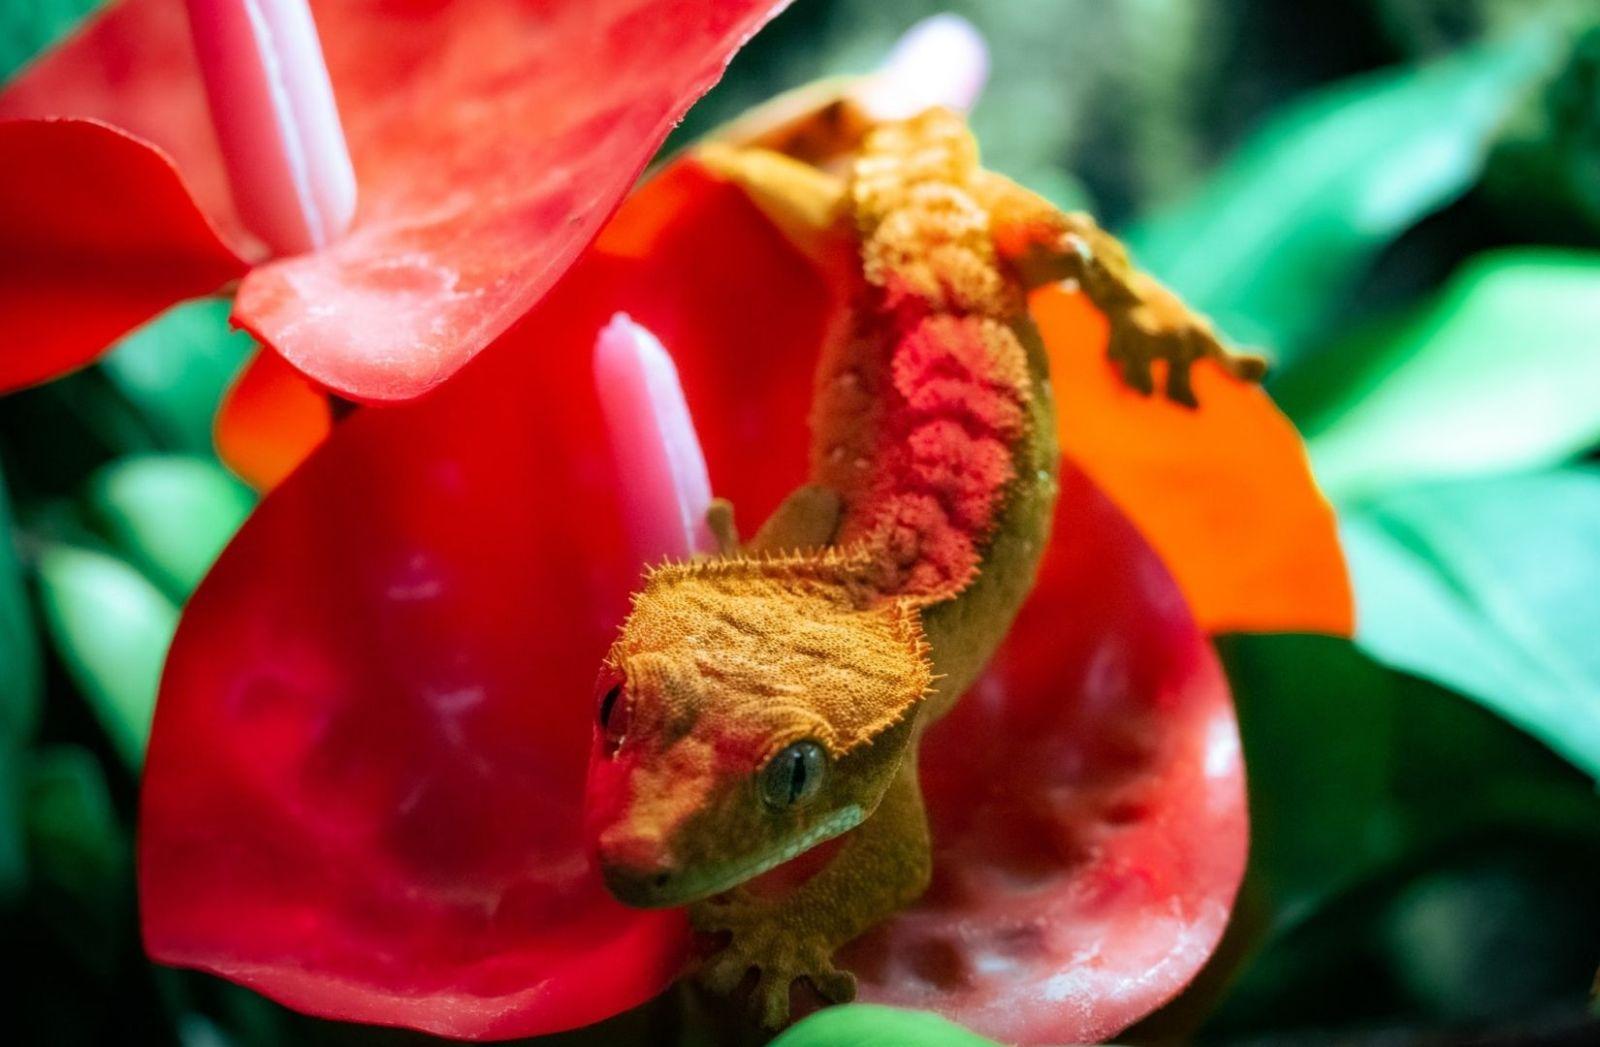 Ein Gecko auf einer Lilie. (Foto: Vitya Lapatey, Unsplash.com)